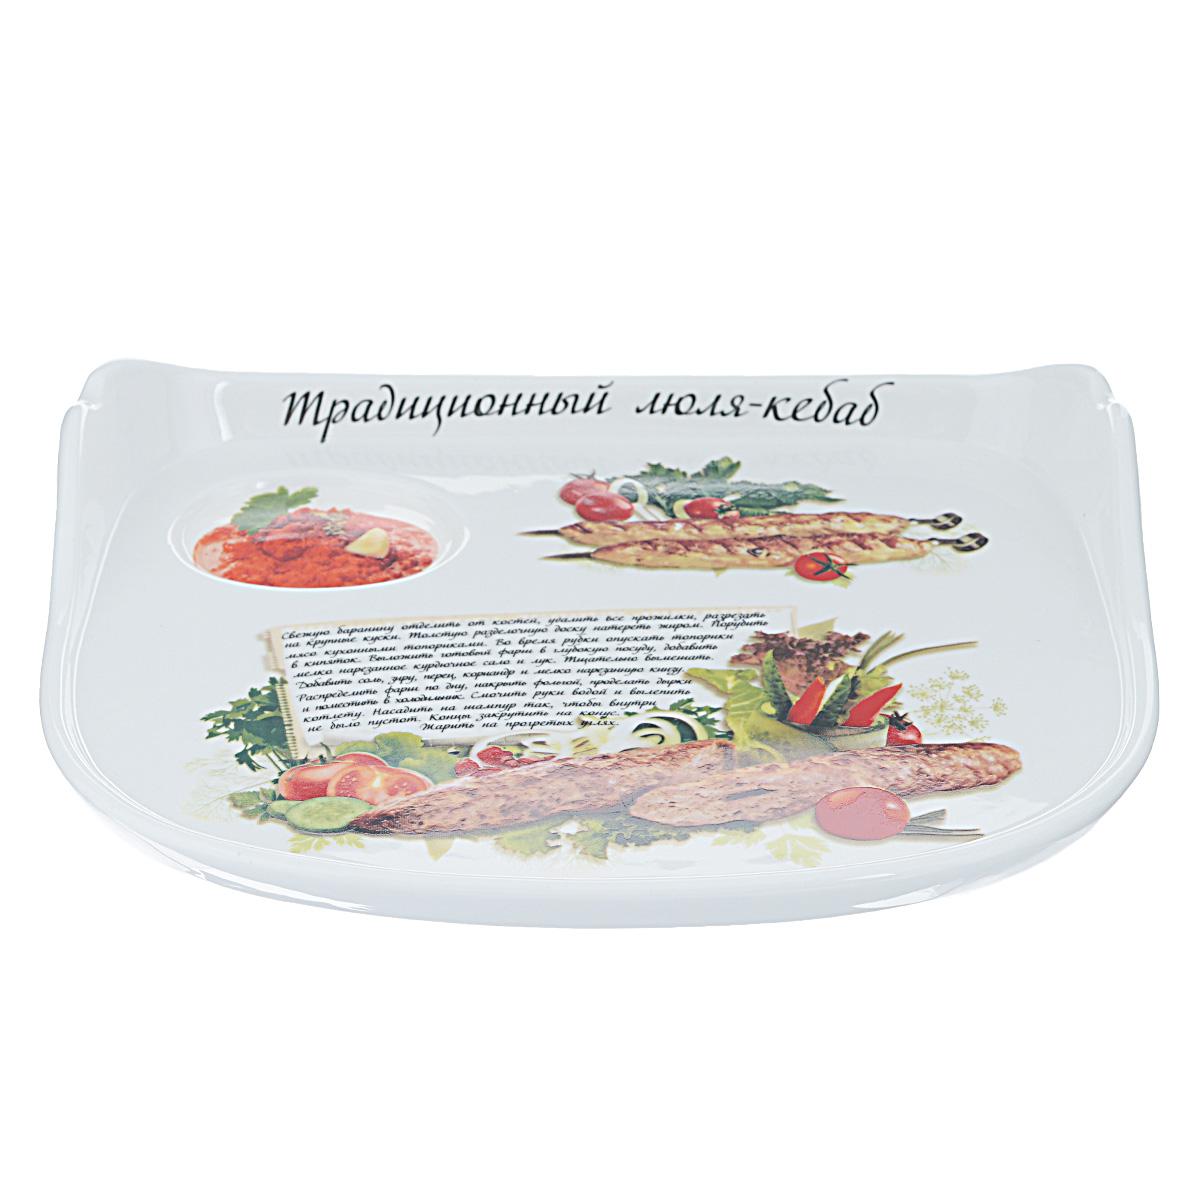 Блюдо LarangE Традиционный люля-кебаб, цвет: белый, 24,5 х 19,5 см блюдо для сосисок larange веселый завтрак с кошечкой 20 5 см х 19 см